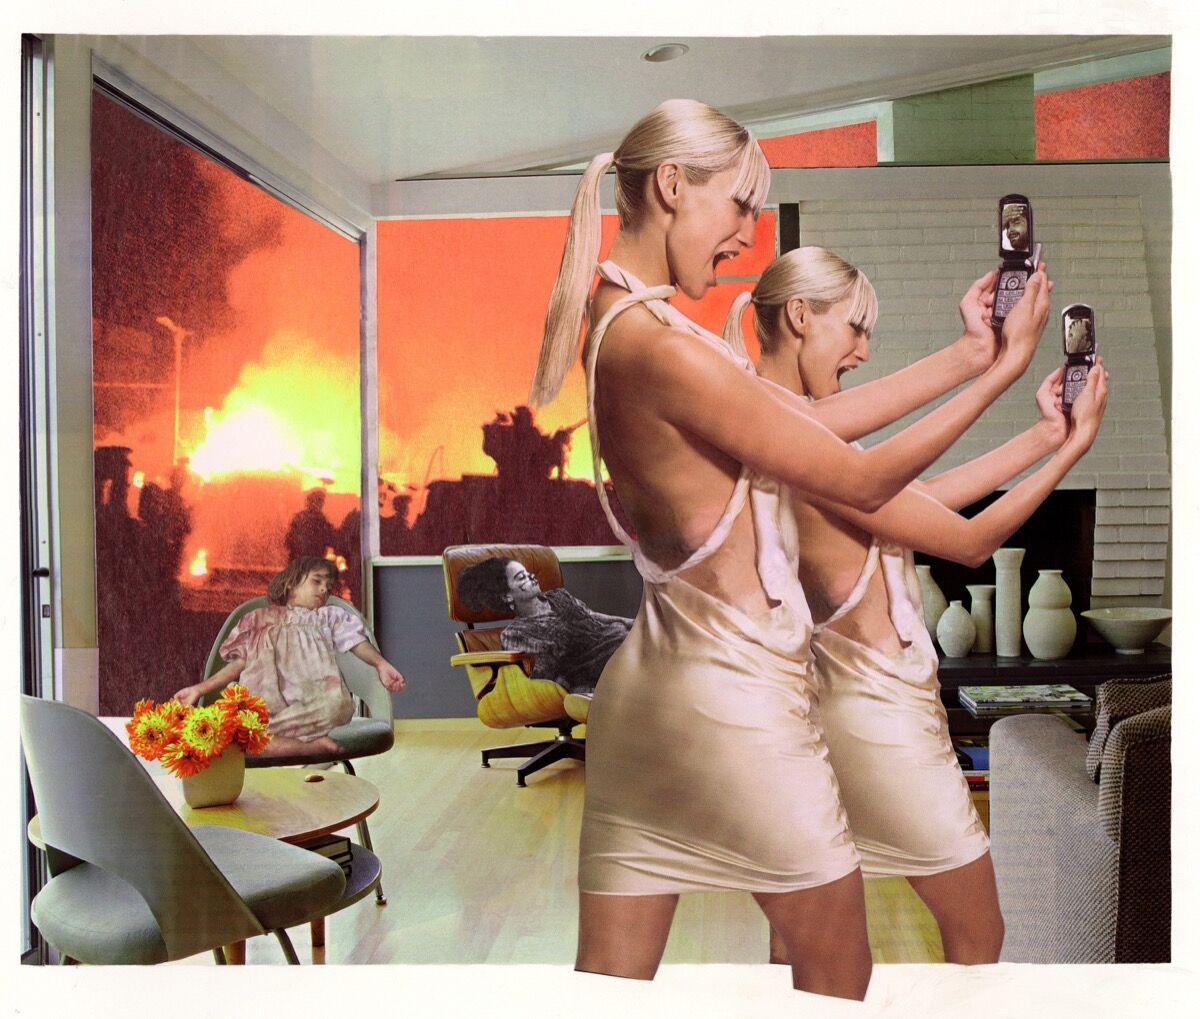 Martha Rosler, Photo Op, 2004. © Martha Rosler. Courtesy of the artist, Nagel Draxler Berlin / Cologne, Mitchell Innes & Nash / New York.